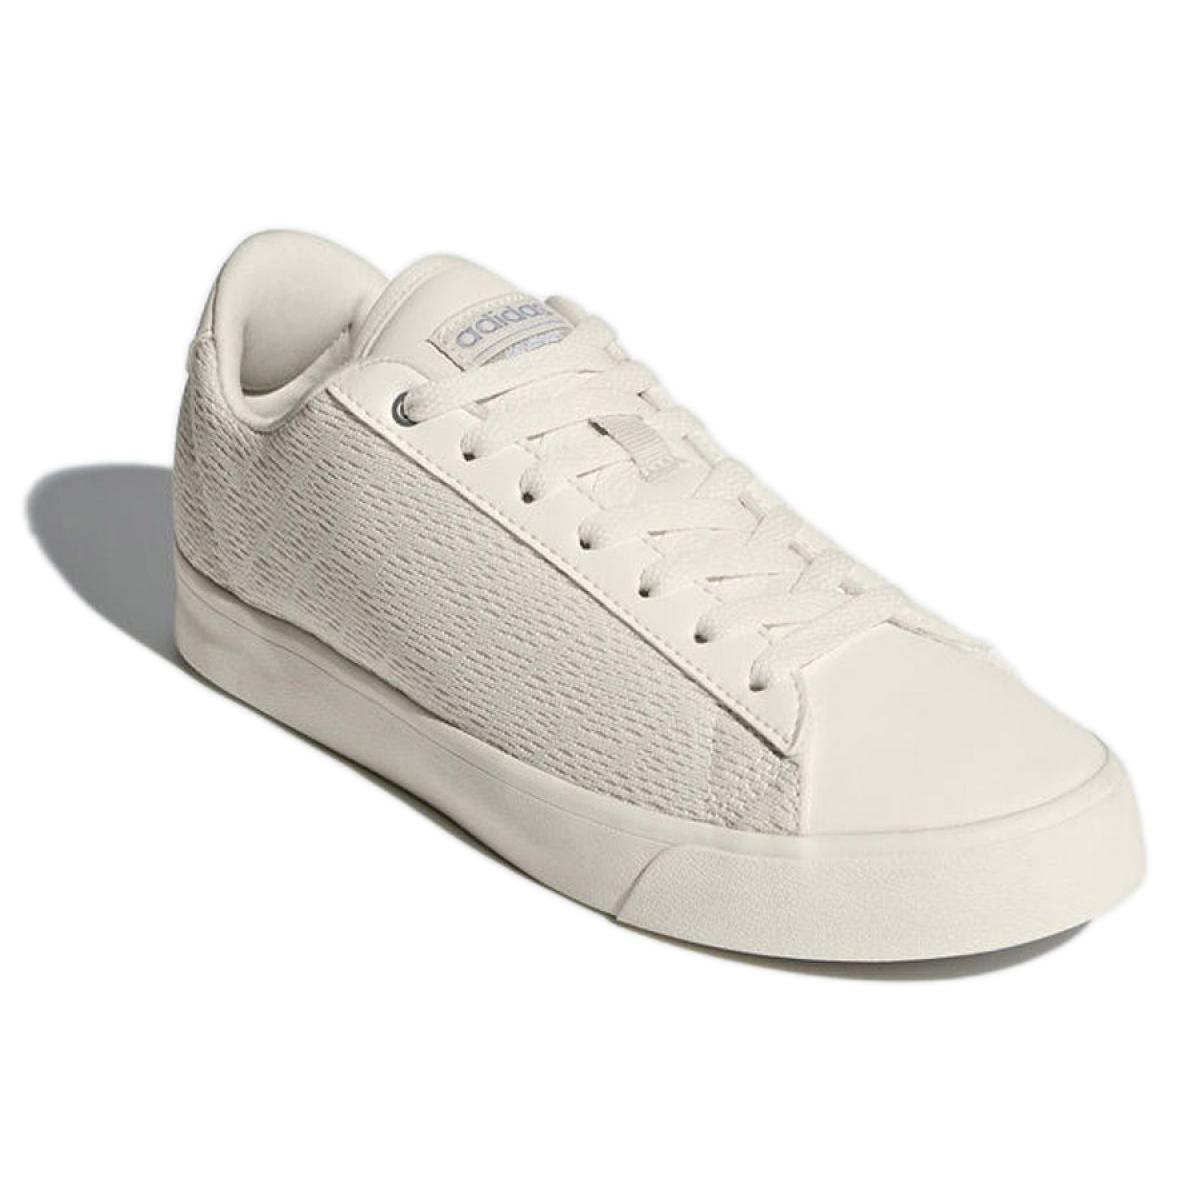 Chaussures Cloudfoam Daily QT Clean de Adidas Femmes | MEC